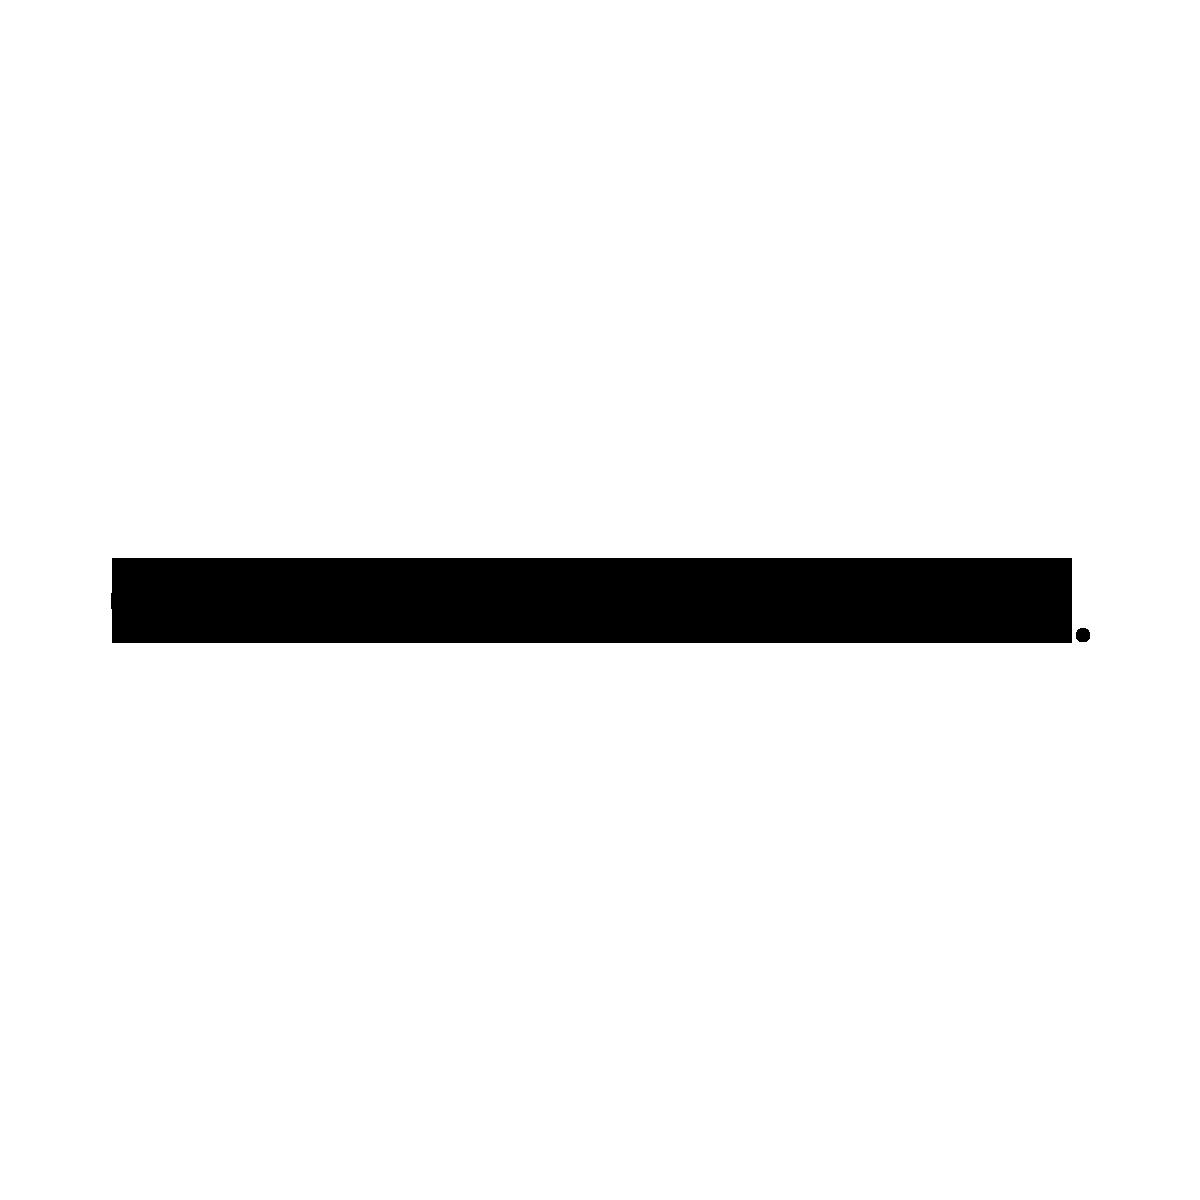 Espadrille-loafer-suède-donkerblauw